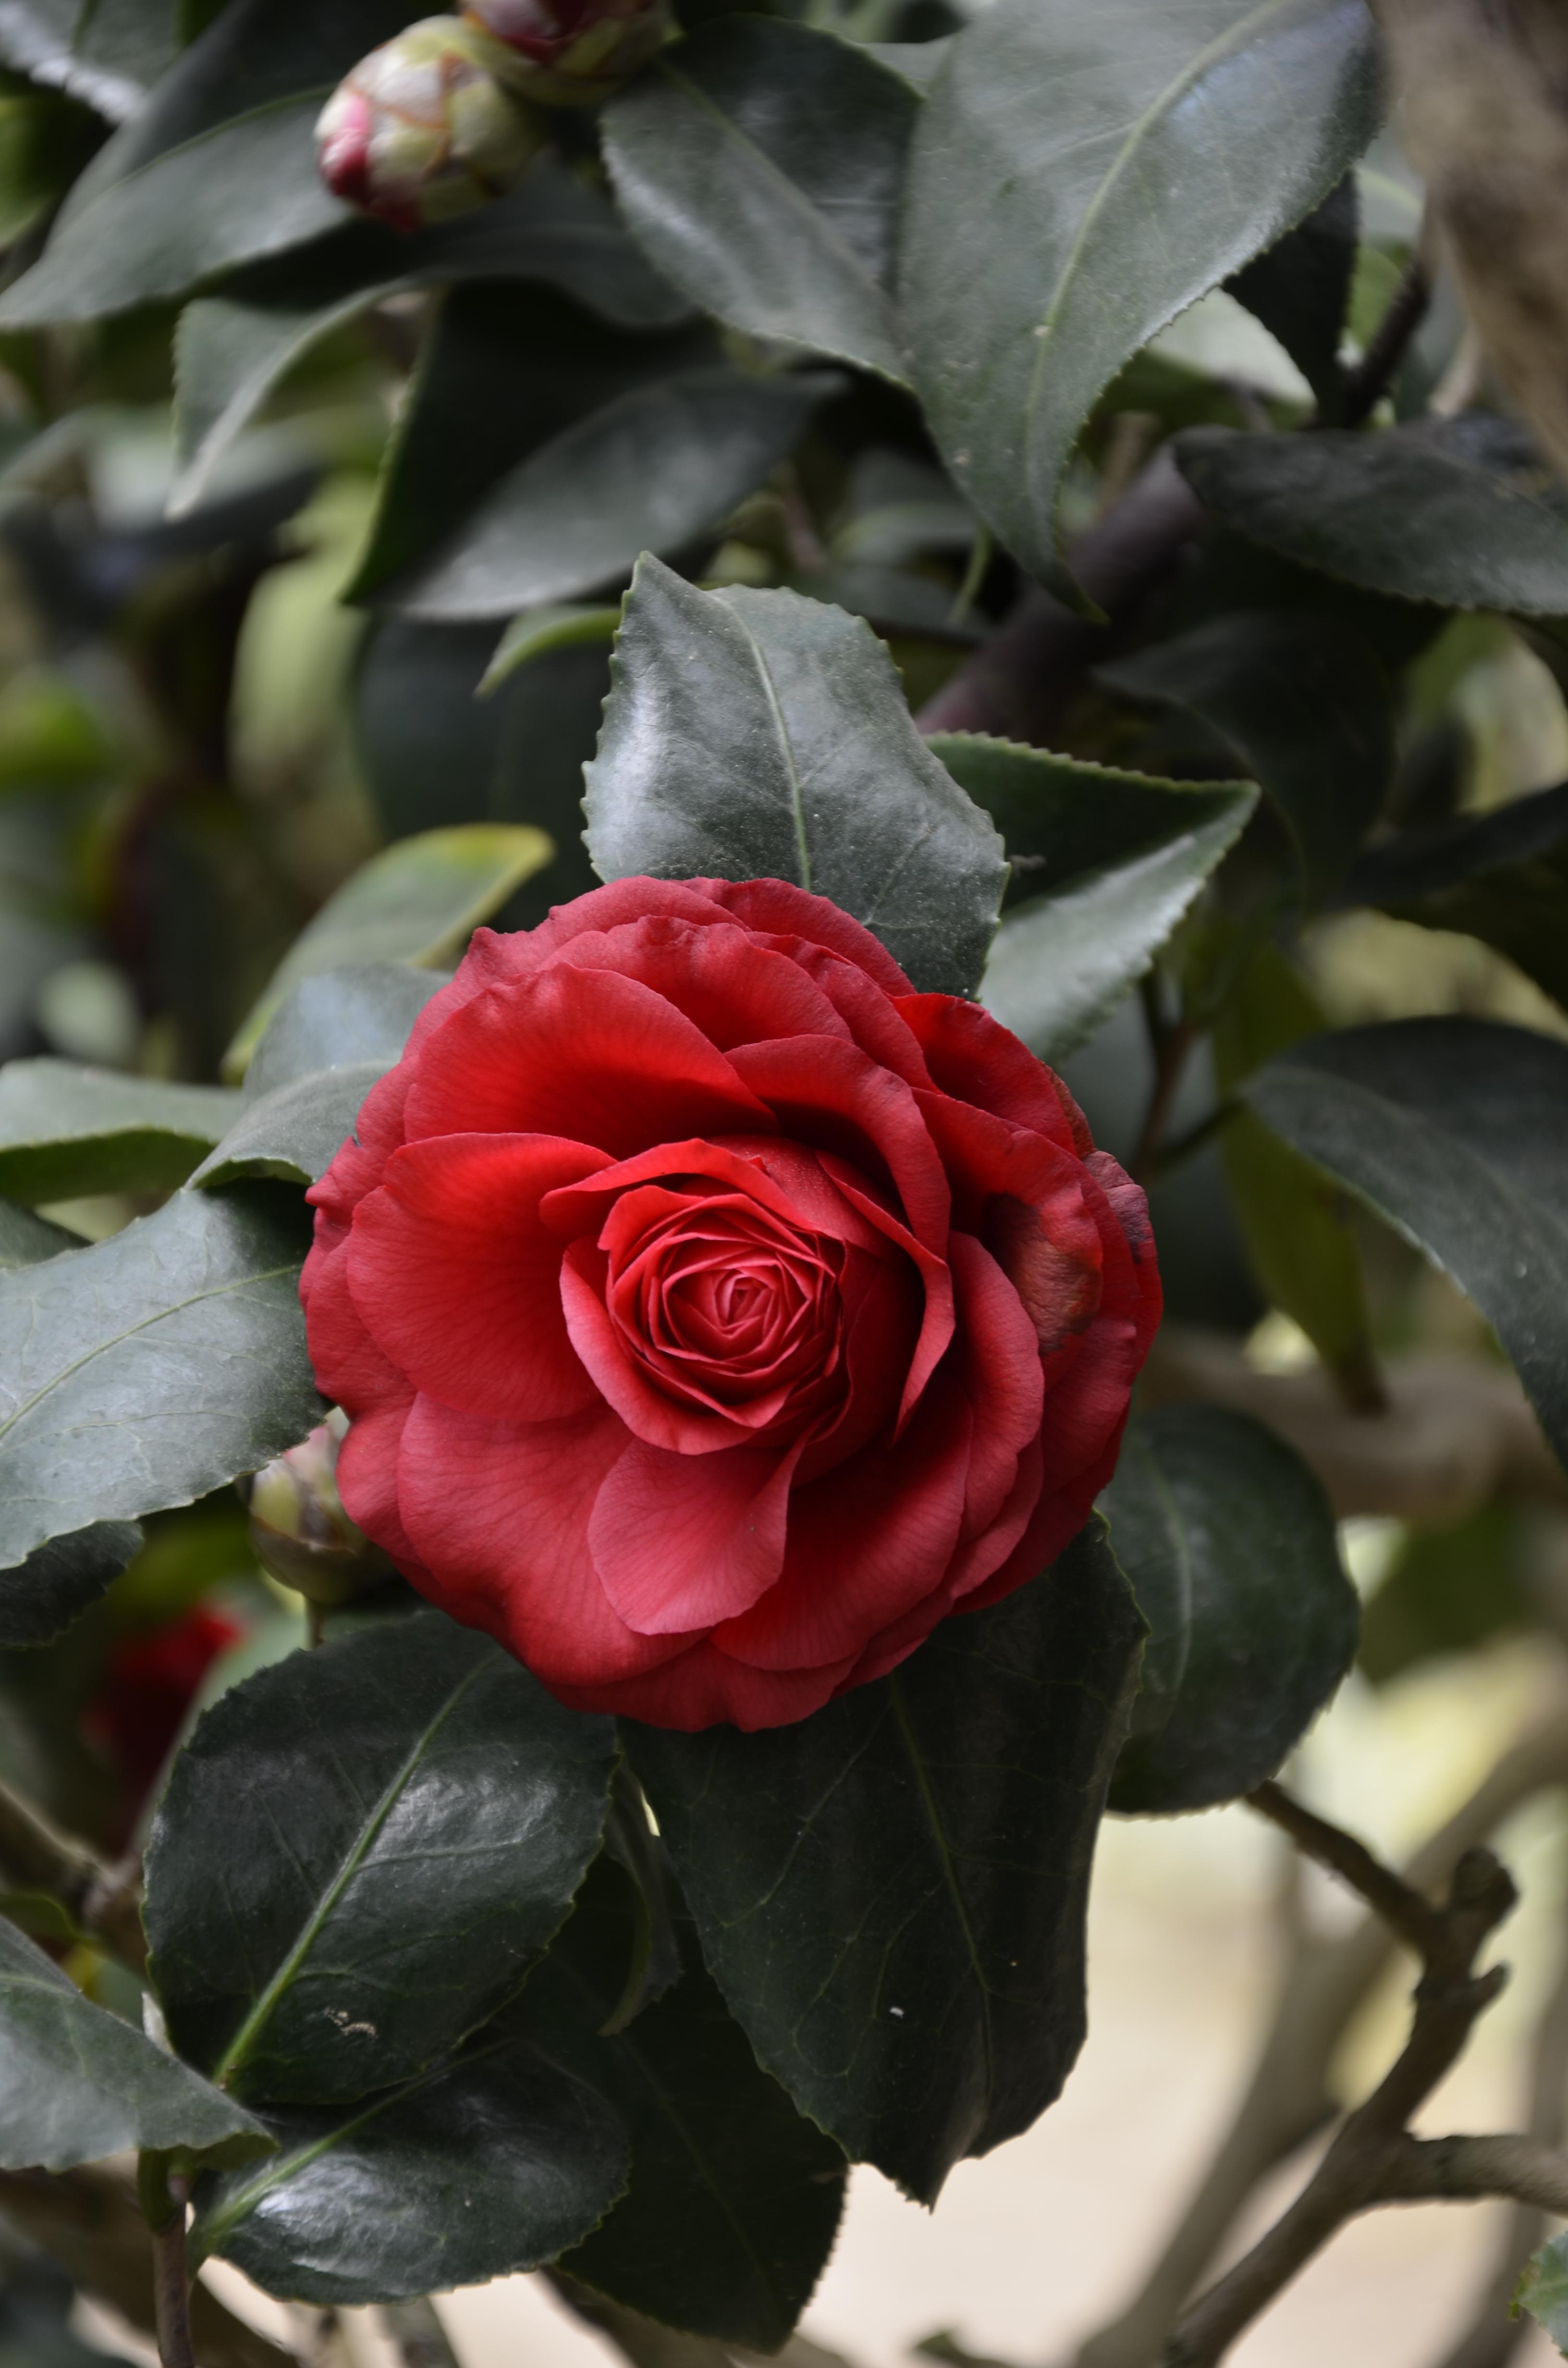 Garden Bush: Free Images : Nature, Stem, Flower, Petal, Floral, Spring